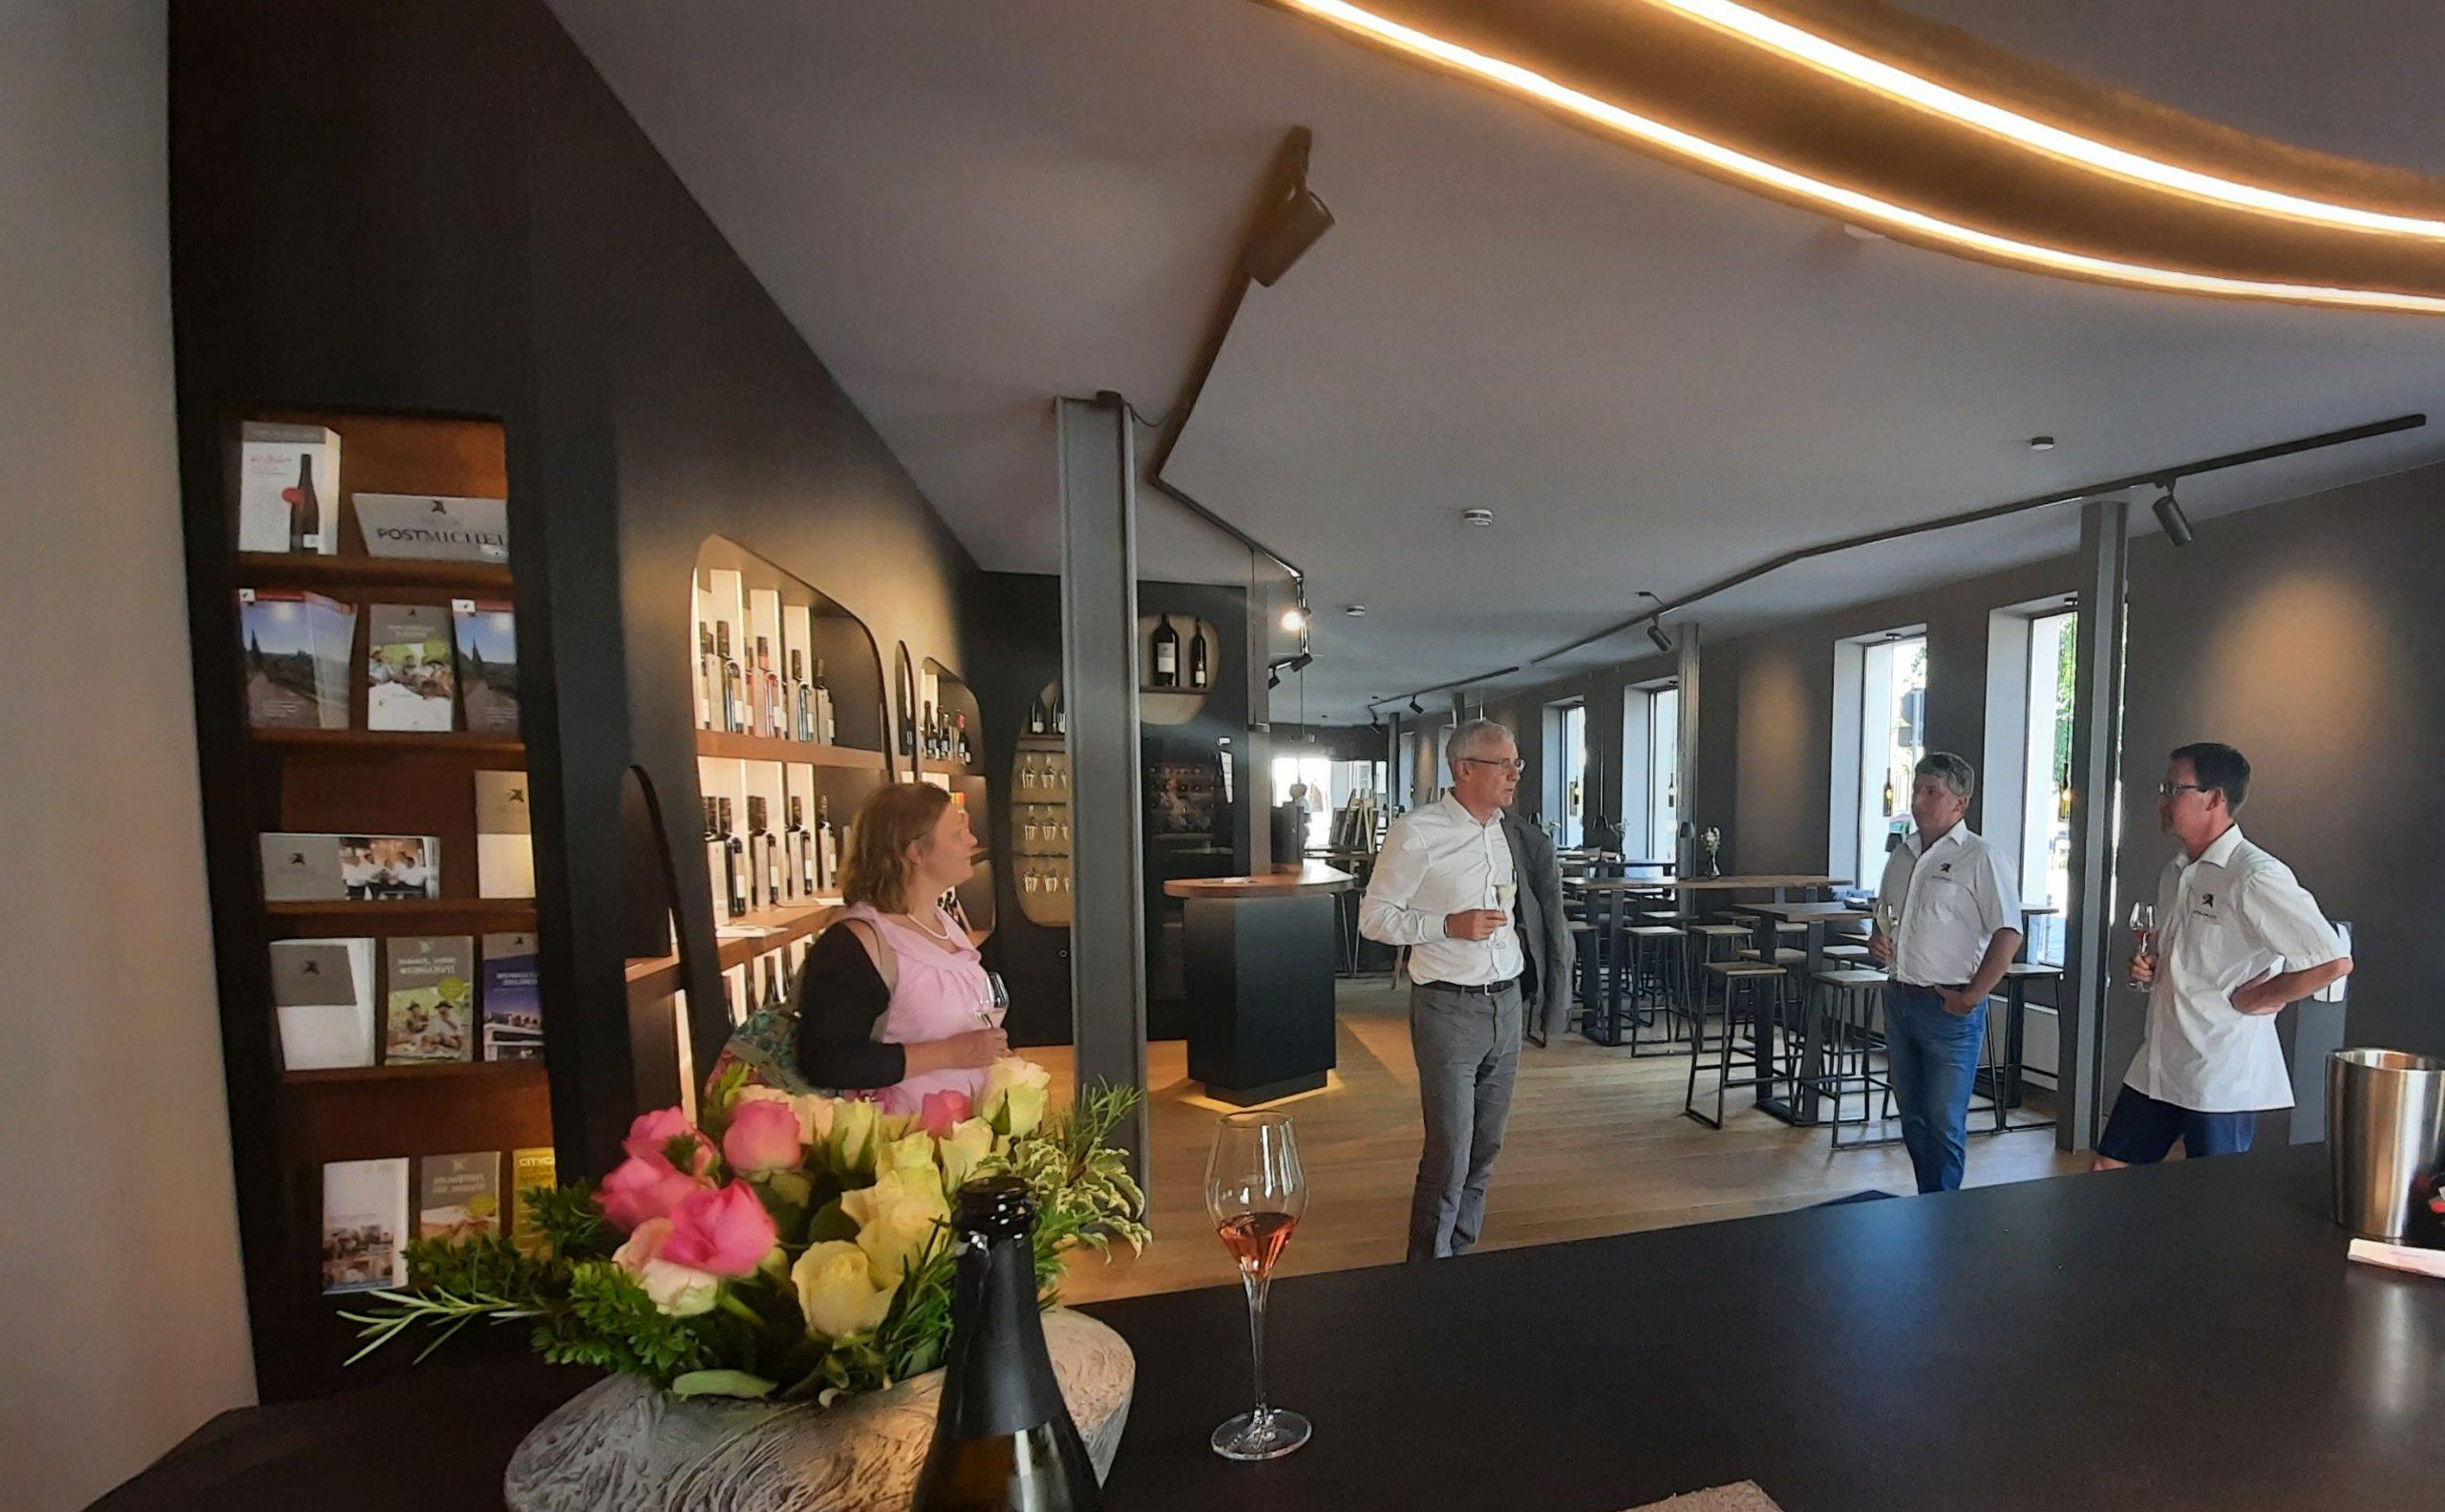 Der Innenraum der neuen Vinothek am Markt der Weingaertner Esslingen